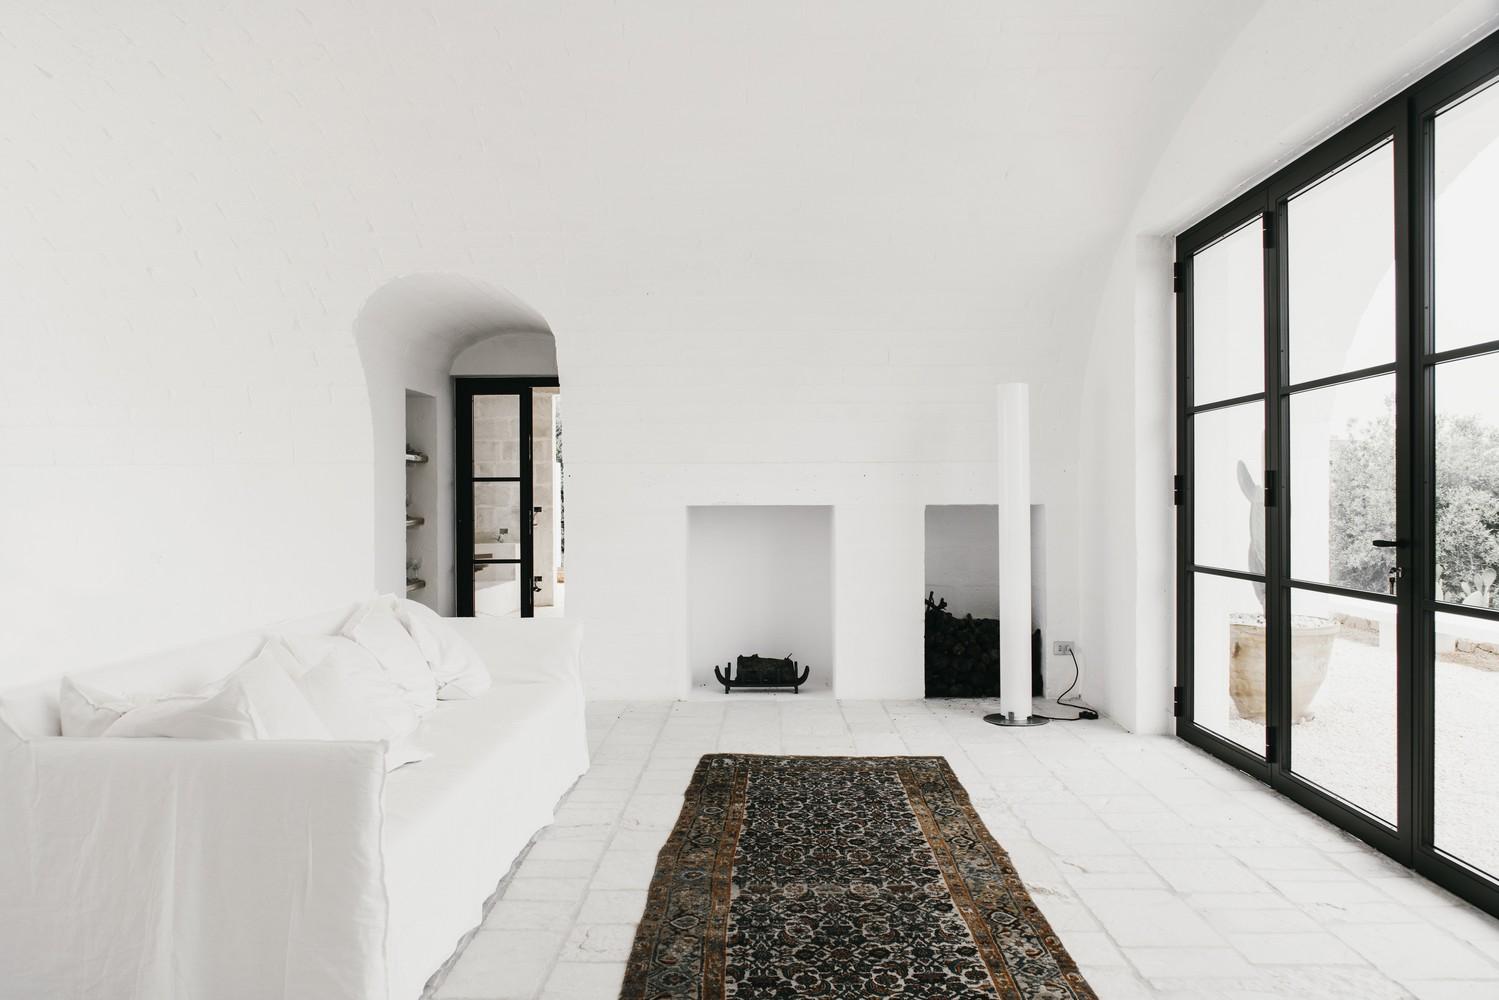 khu nghỉ dưỡng Masseria Moroseta-hot list-elledecoration vn14